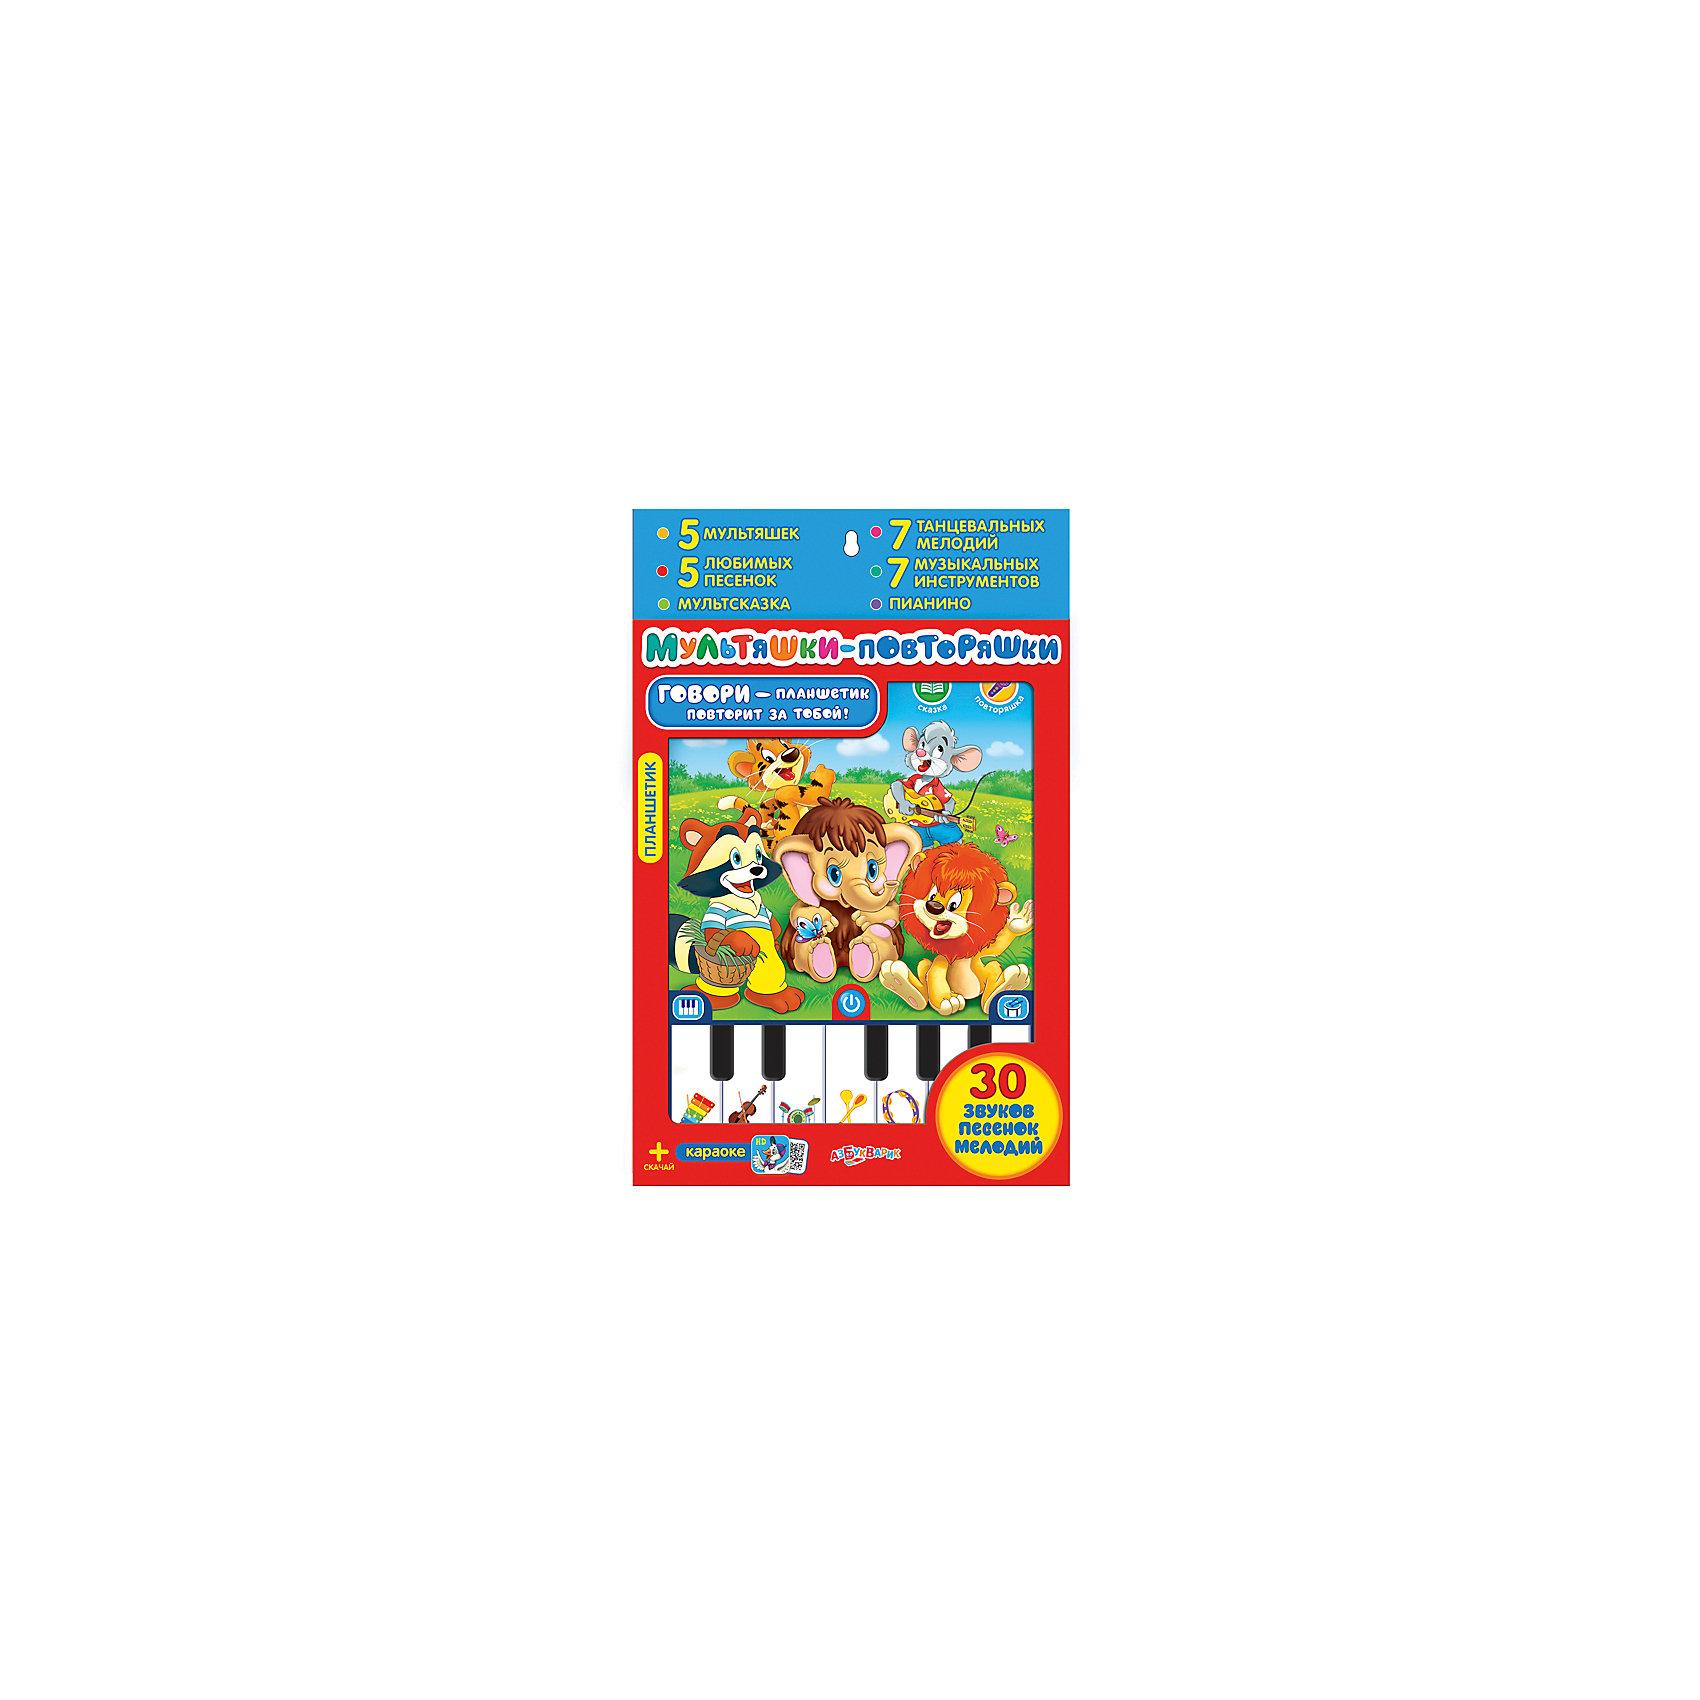 Планшетик Мультяшки-повторяшки, АзбукварикАзбукварик<br>Планшетик Мультяшки-повторяшки, Азбукварик.<br><br>Характеристики:<br><br>• Для детей в возрасте от 2 лет<br>• 30 различных звуков, песенок и мелодий<br>• Особенности: 5 мультяшек, 5 любимых песенок, 7 танцевальных мелодий, 7 музыкальных инструментов, мультсказка, пианино<br>• Песенки: «Песенка Мамонтёнка», «По дороге с облаками», «Улыбка», «Песня Львёнка и Черепахи», «Какой чудесный день»<br>• Мелодии: «Танец маленьких утят», «Чунга-чанга», «Арам зам зам», «Полька», «Ничего на свете лучше нету», «Антошка», «Пусть бегут неуклюже»<br>• Мультсказка: «Мама для мамонтенка»<br>• Размер: 18,5 х 24 х 1,5 см.<br>• Материал: сертифицированная качественная пластмасса с элементами из металла<br>• Батарейки: 3 x AAA / LR0.3 1,5V (в комплекте демонстрационные)<br><br>Интерактивный планшетик с весёлыми мультяшками: Мамонтёнком, Крошкой Енотом, Львёнком, Тигрёнком и Мышонком. Нажимай на каждого героя – он споет тебе песенку! А в режиме «Повторяшка» ты сможешь поговорить с мультяшками! Скажи им «Привет!» - игрушка повторит за тобой! Планшетик может рассказать тебе мультсказку «Мама для мамонтенка». А еще в нем есть пианино! Нажимай на клавиши – слушай мелодии и играй их сам! <br><br>Всего 7 танцевальных мелодий: «Танец маленьких утят», «Чунга-чанга», «Арам зам зам», «Полька», «Ничего на свете лучше нету», «Антошка», «Пусть бегут неуклюже». Бонус! Караоке от Азбукварика – теперь в твоем планшете и смартфоне. Скачай бесплатно! QR-код – внутри упаковки.<br><br>Планшетик Мультяшки-повторяшки, Азбукварик можно купить в нашем интернет-магазине.<br><br>Ширина мм: 190<br>Глубина мм: 20<br>Высота мм: 30<br>Вес г: 260<br>Возраст от месяцев: 24<br>Возраст до месяцев: 48<br>Пол: Унисекс<br>Возраст: Детский<br>SKU: 5577783